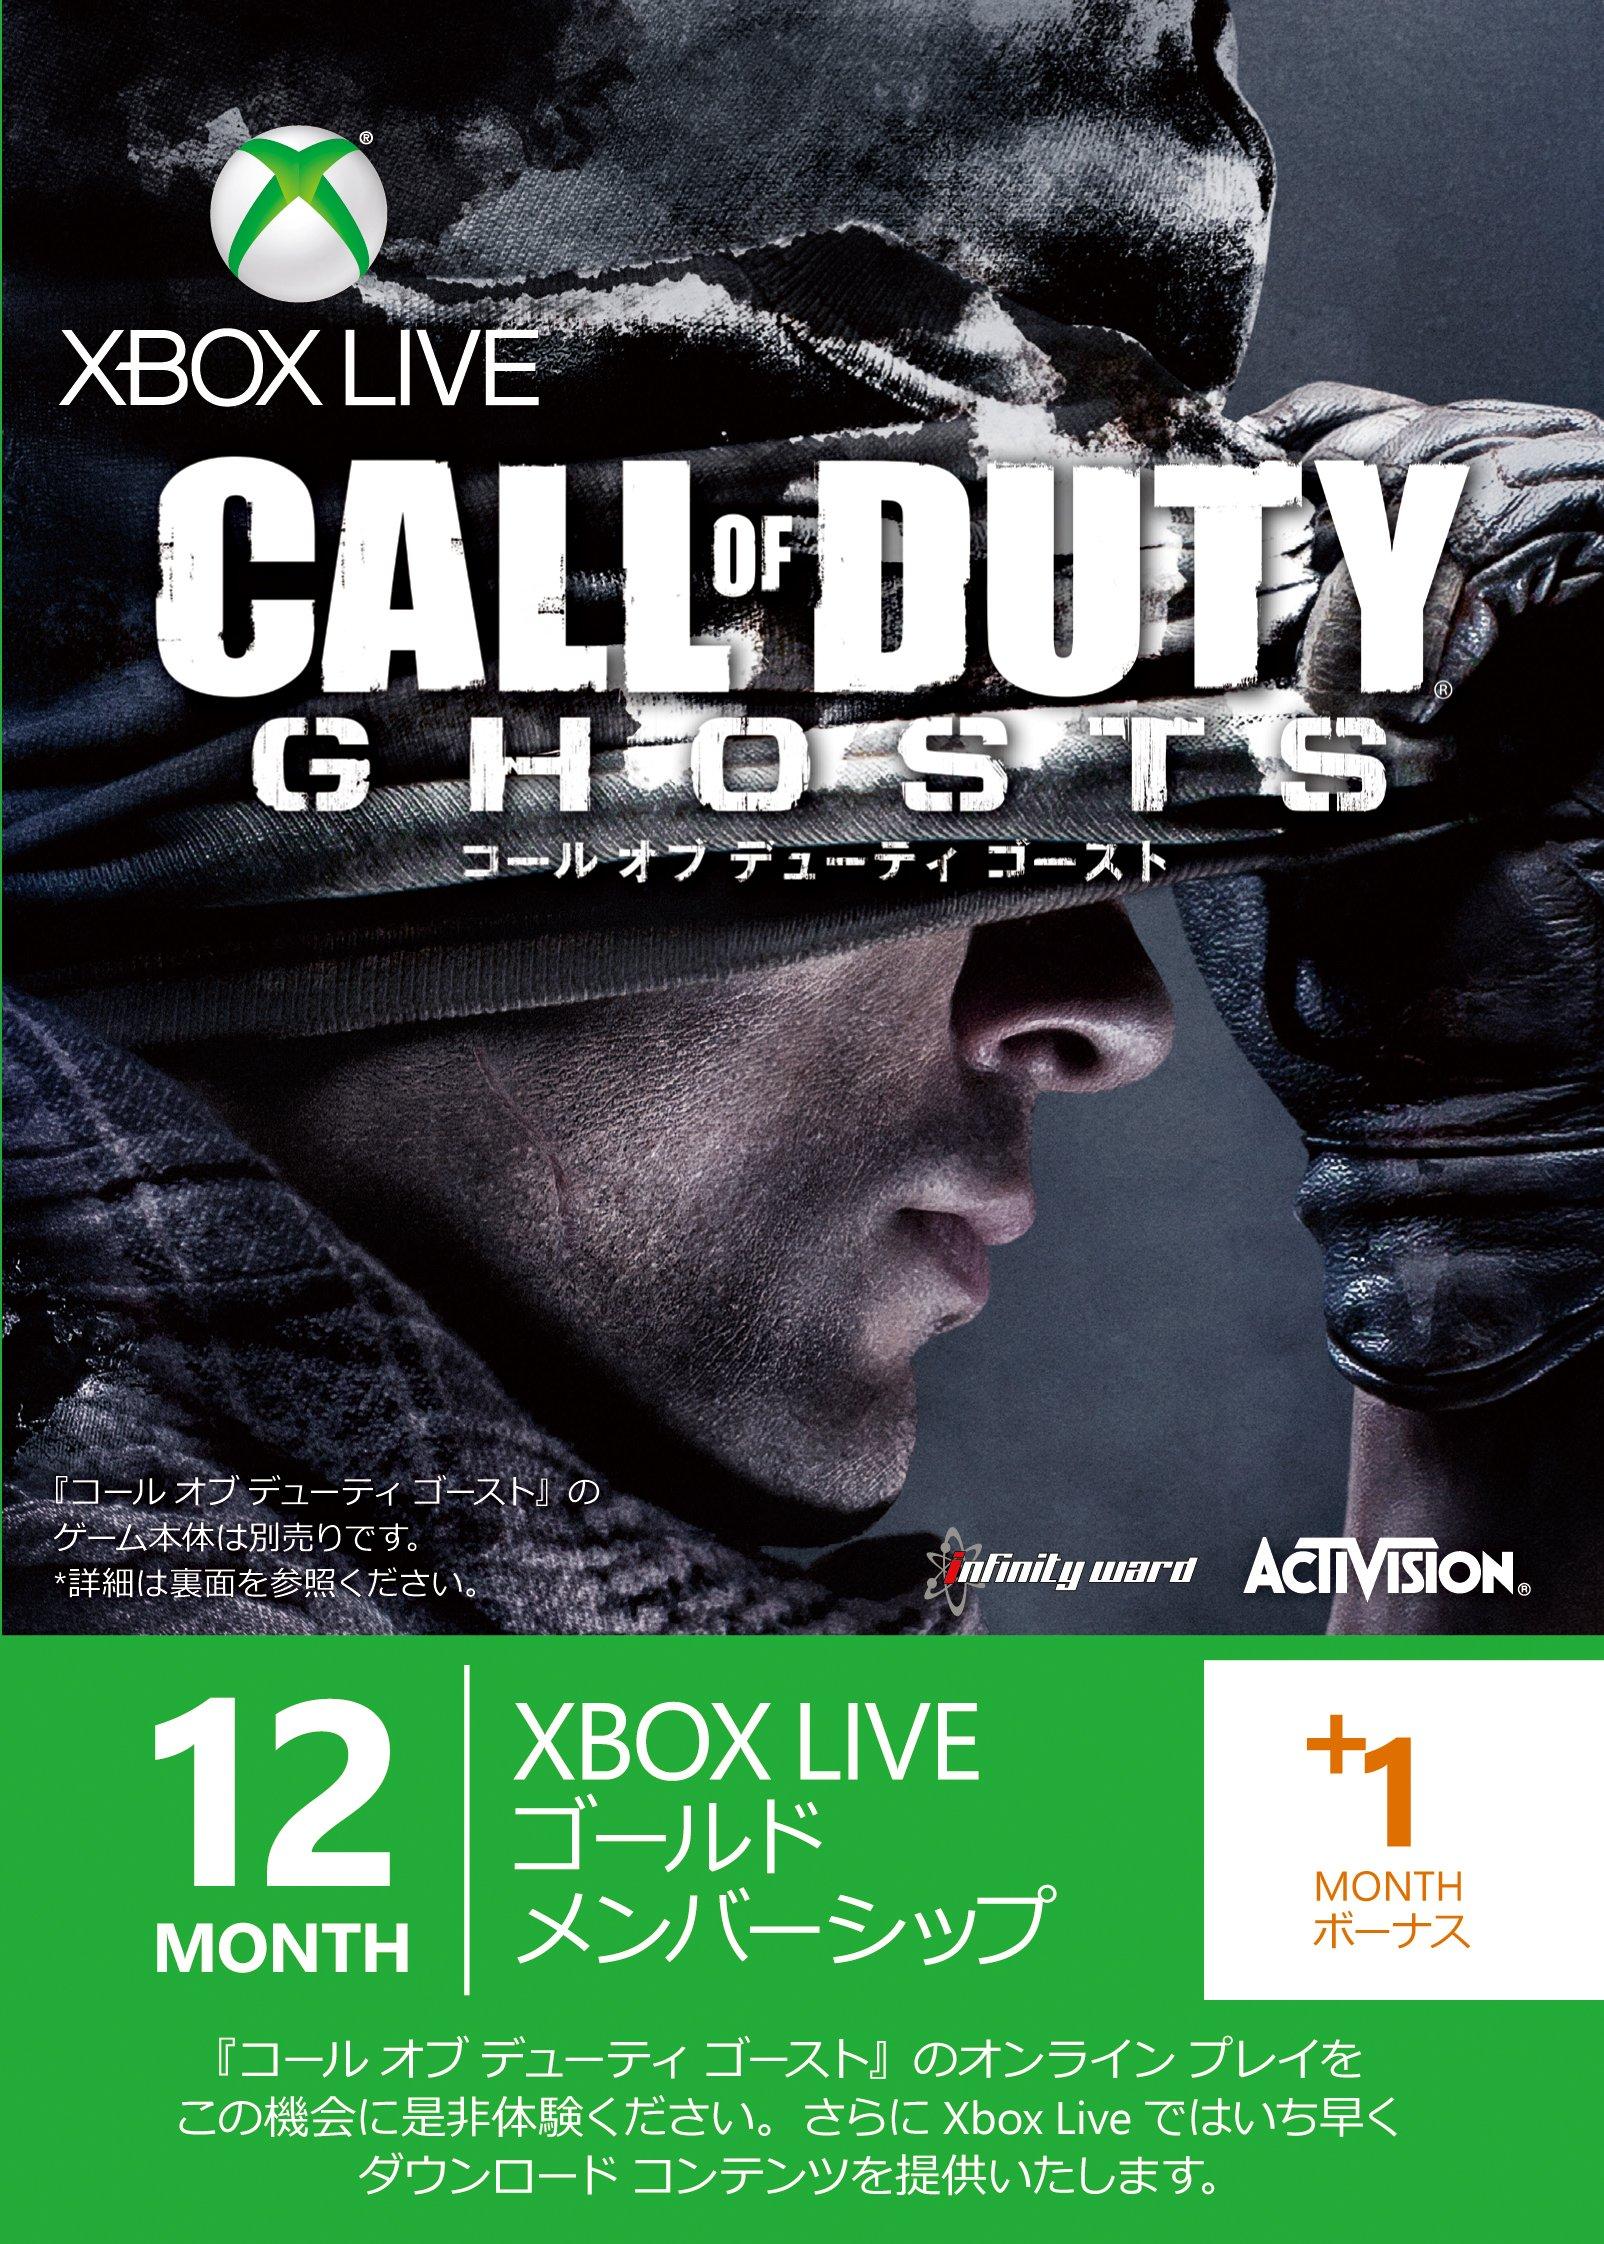 「Xbox Live 12ヶ月+1ヶ月 ゴールド メンバーシップ コール オブ デューティ ゴースト エディション」